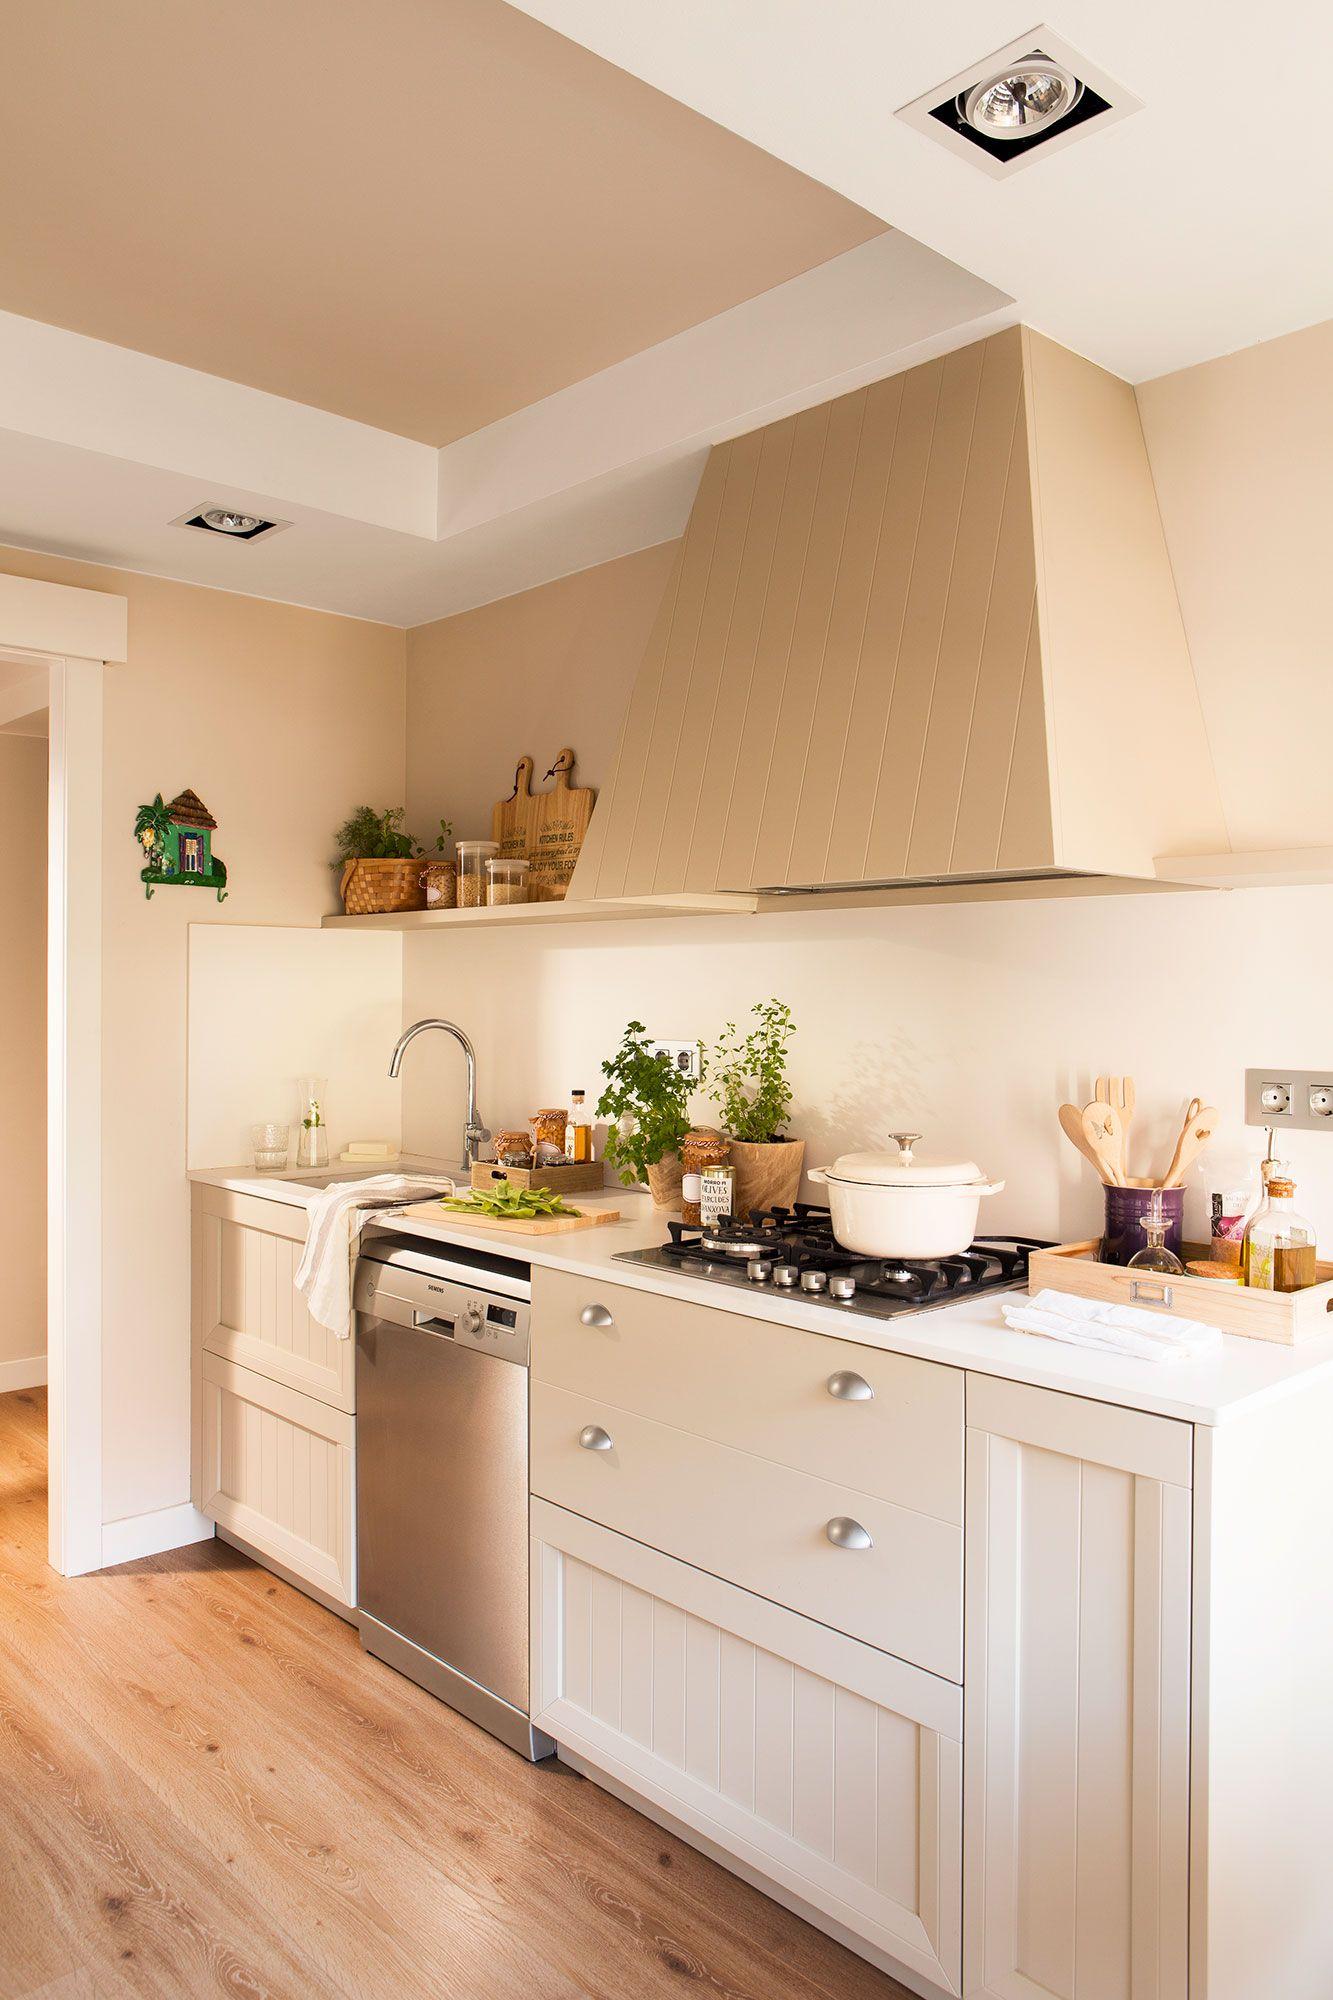 cocina peque a con paredes y mobiliario en beige y